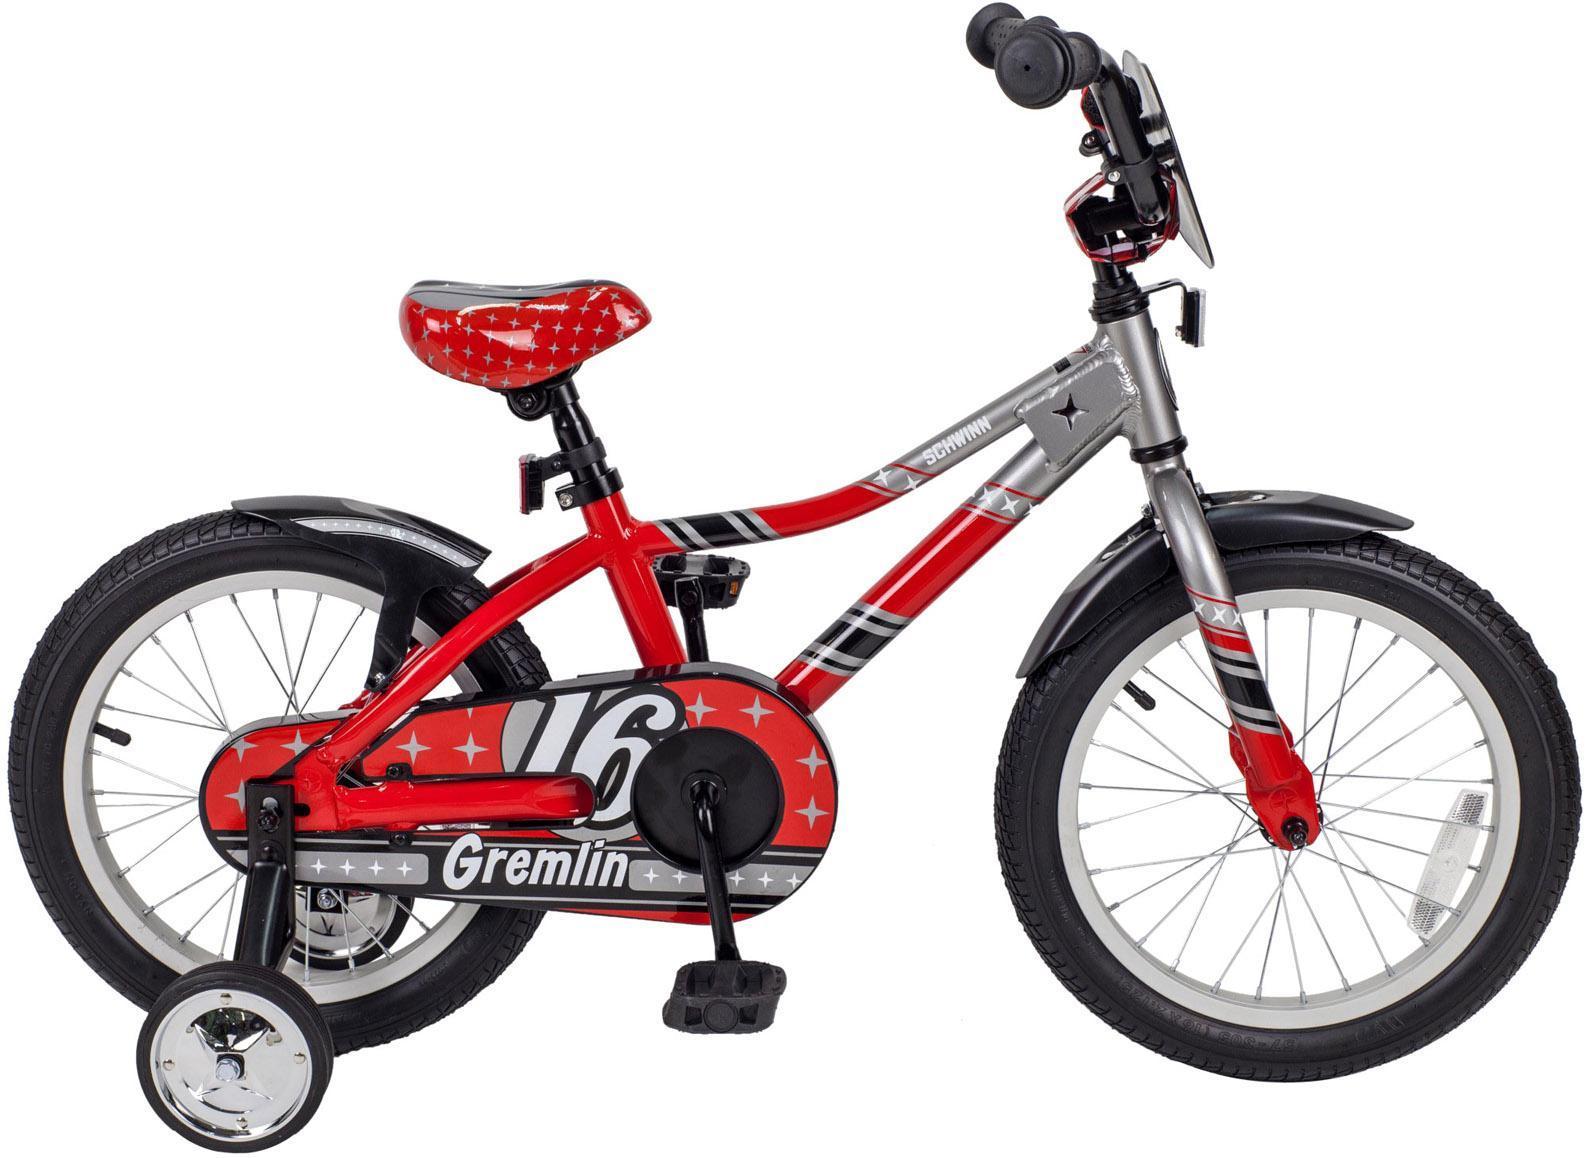 Велосипед детский Schwinn Gremlin (2015) Red-Silver46727Schwinn Gremlin 2015 года – это детский велосипед начального уровня для мальчиков, рассчитанный на возраст от 4 до 6 лет. Яркая, красивая и оригинальная модель доступна в двух цветах. Обладая такими визуальными достоинствами, велосипед остается комфортным и безопасным в использовании. Ребенку будет очень удобно и просто на нем кататься, ведь он оборудован ножным тормозом и не имеет переключения передач. Бренд Schwinn – это качество! Gremlin обязательно понравится вам и вашему ребенку!Вилка: SchwinnСедло: Schwinn Sidewalk KidsЦепь: KMC Z410Спицы: Stainless 14gЗадняя втулка: SchwinnЗадняя покрышка: SchwinnПередняя покрышка: SchwinnРазмер рамы: 16.0